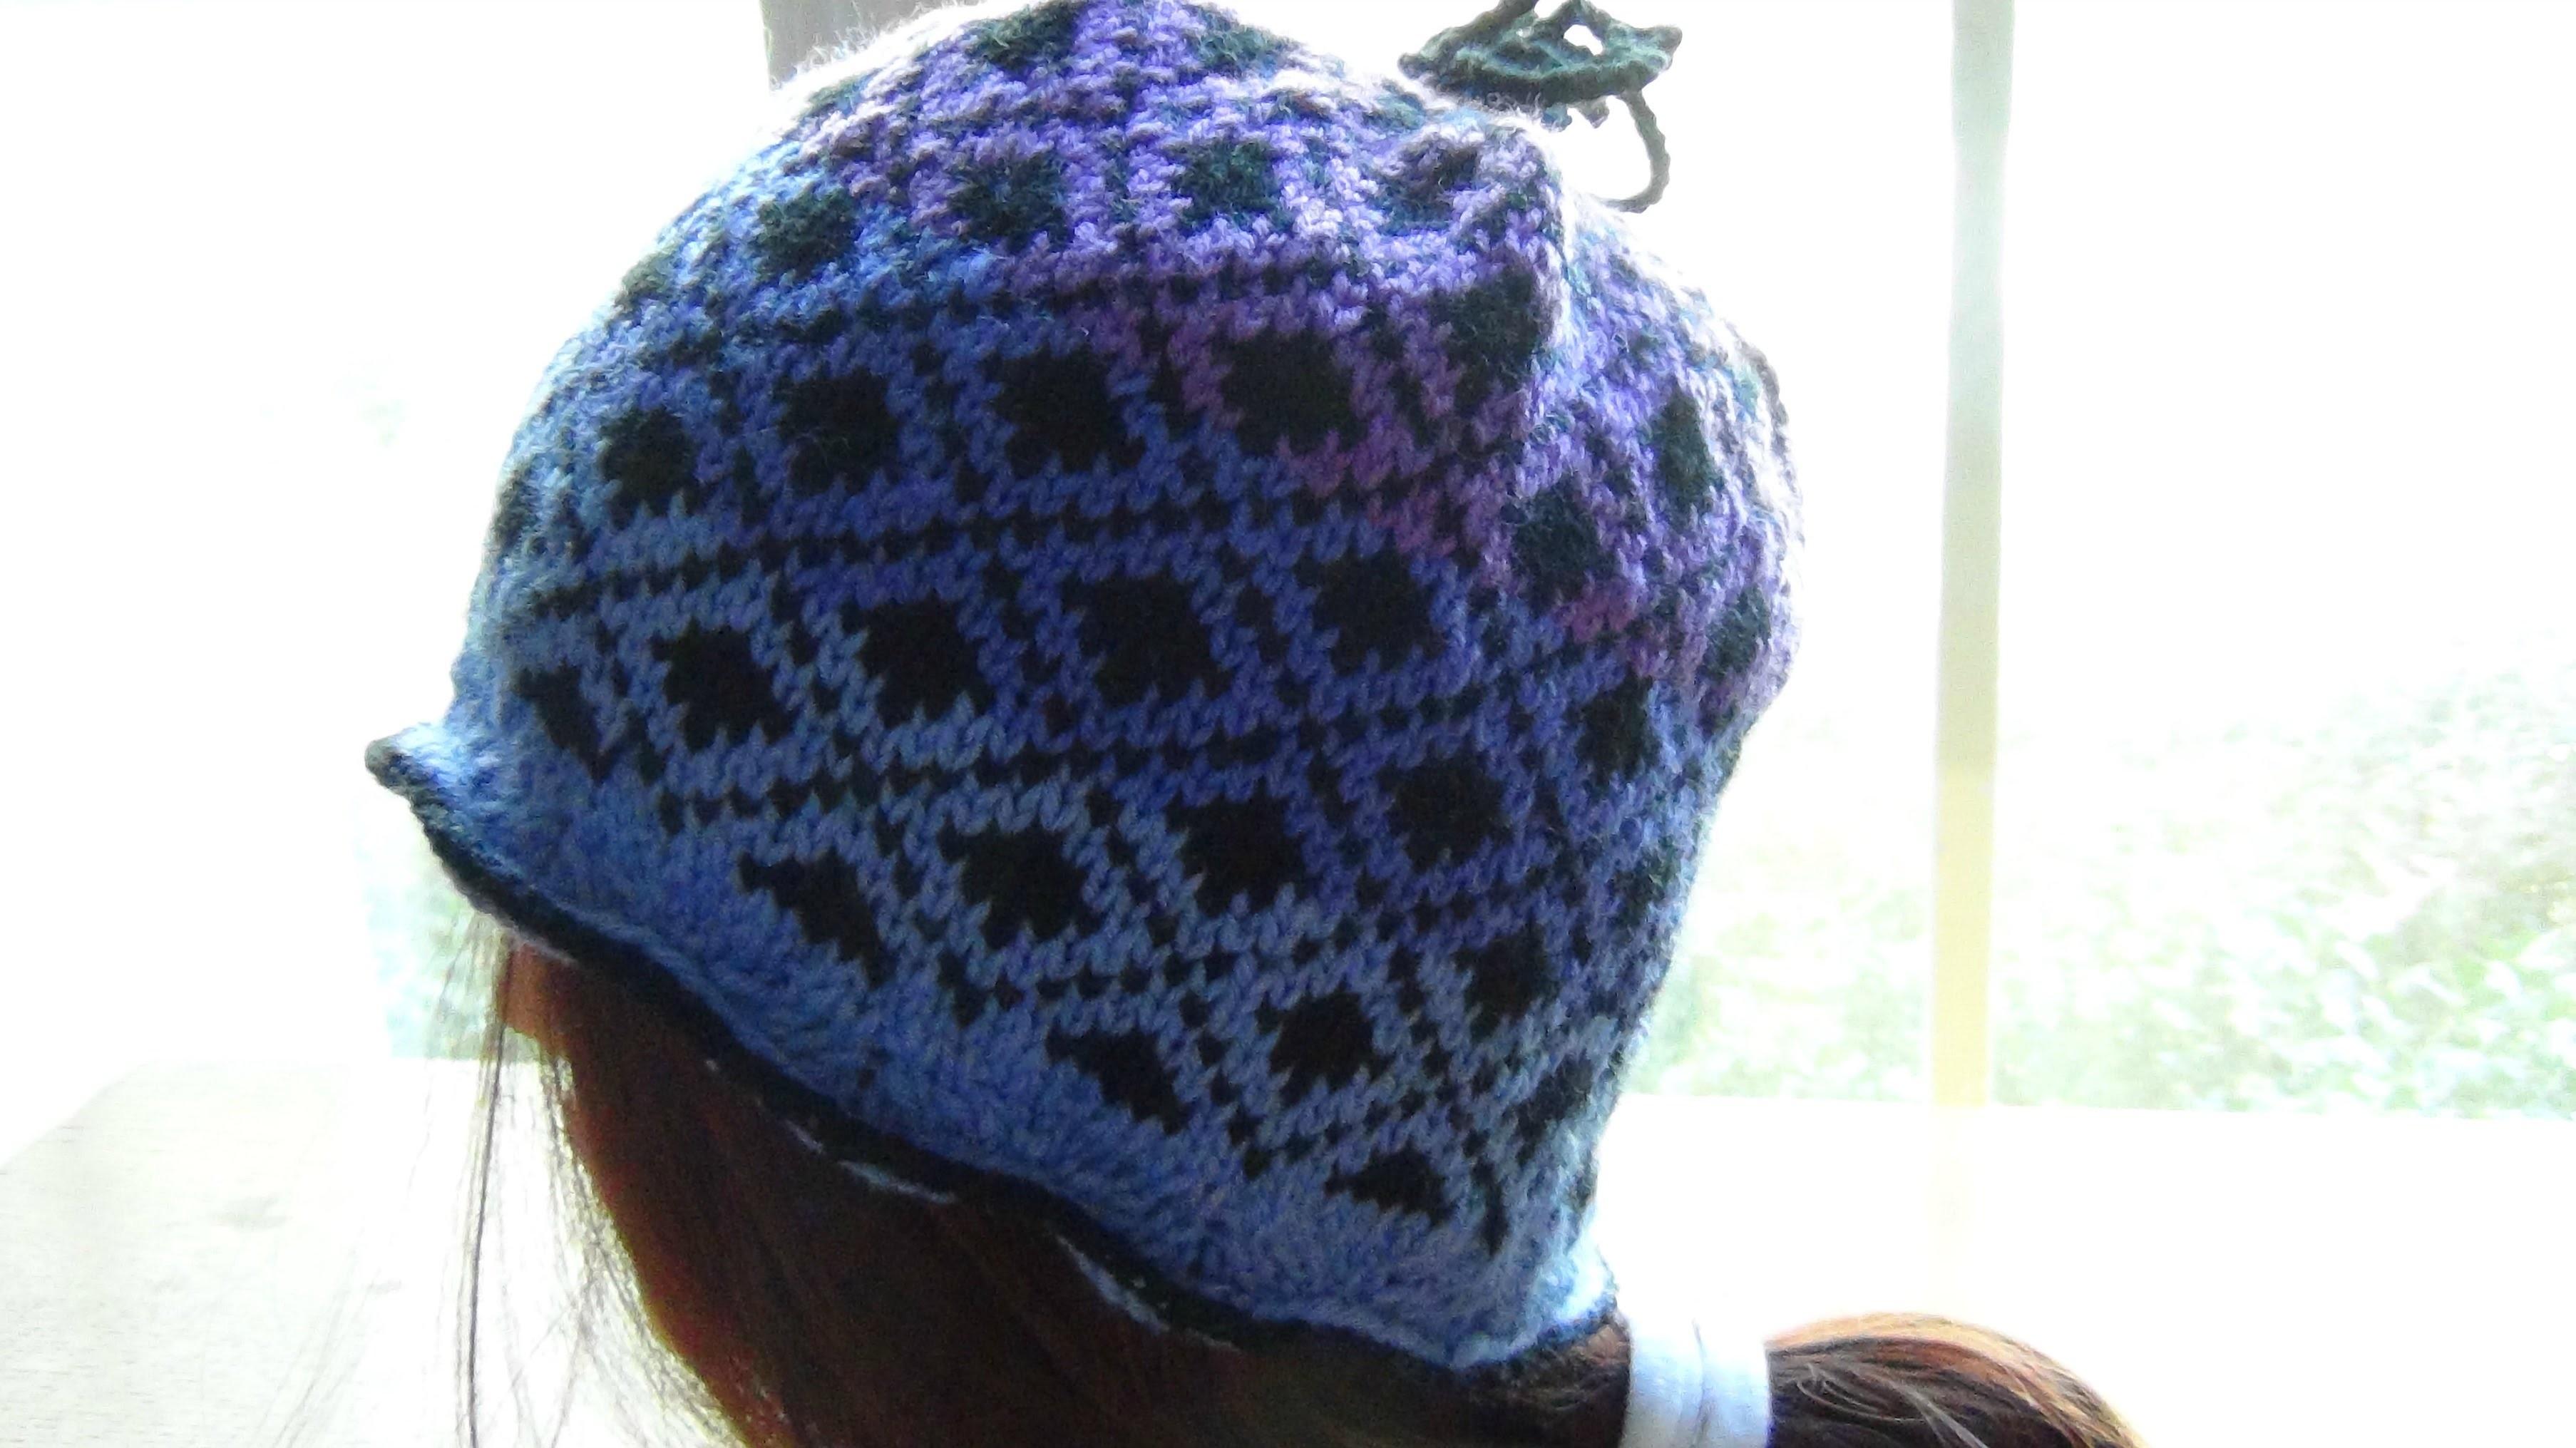 Knitted Blue Fair Isle Beanie Part 1